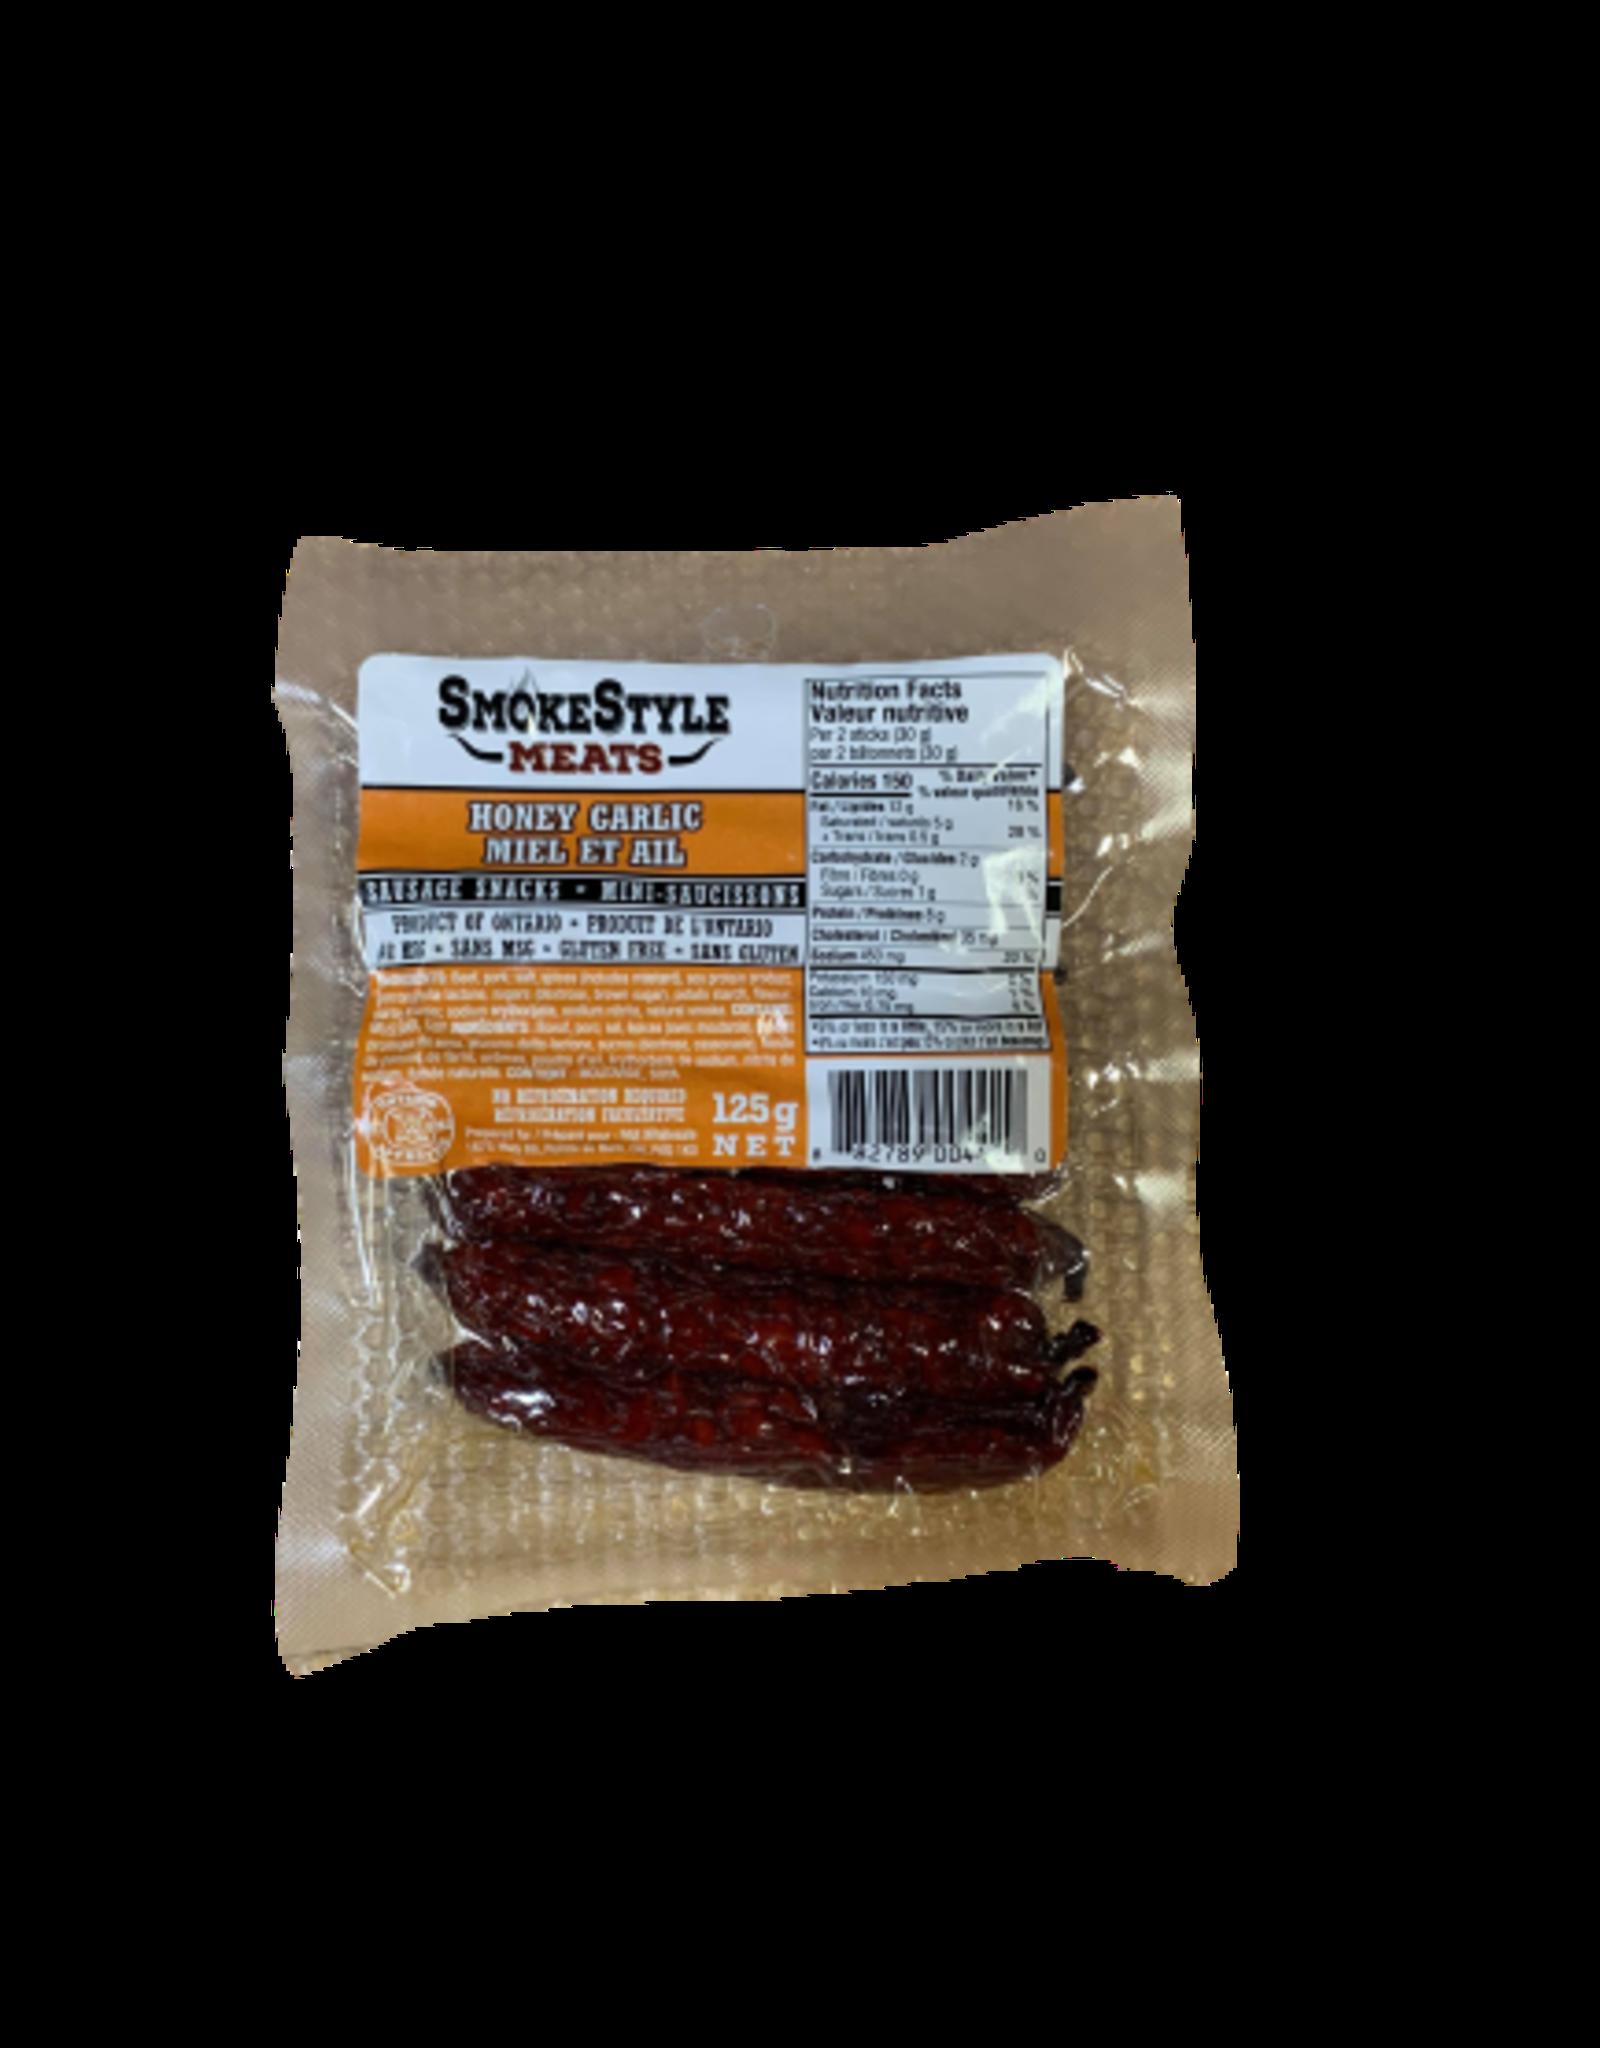 Honey Garlic Sausage 8pk